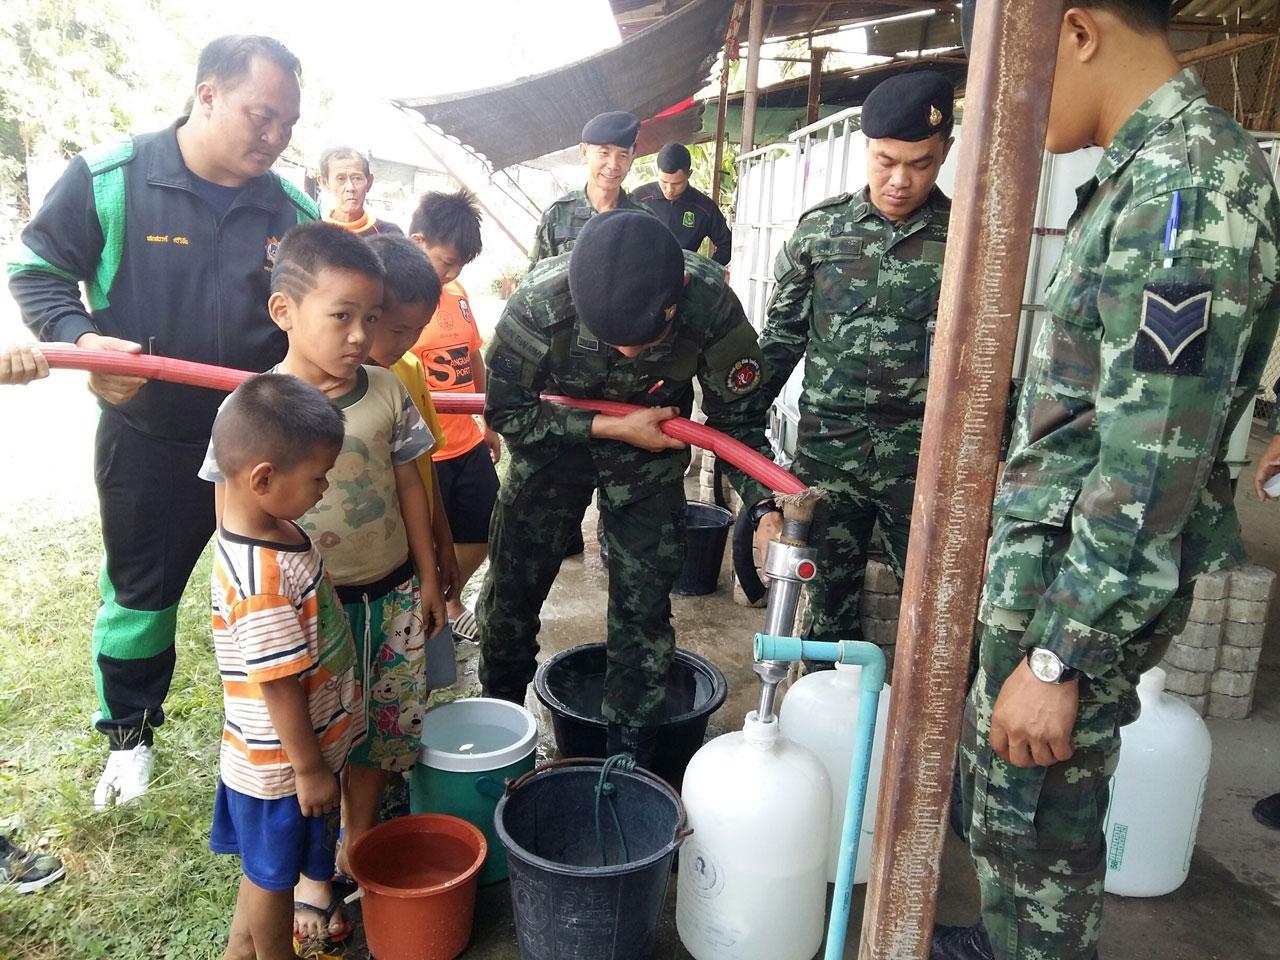 รถบรรทุกน้ำจากกองพันทหารราบที่ 1 กรมทหารราบที่ 7 ค่ายกาวิละ มาแจกน้ำช่วยประชาชนที่ อ.บ้านธิ จังหวัดลำพูน